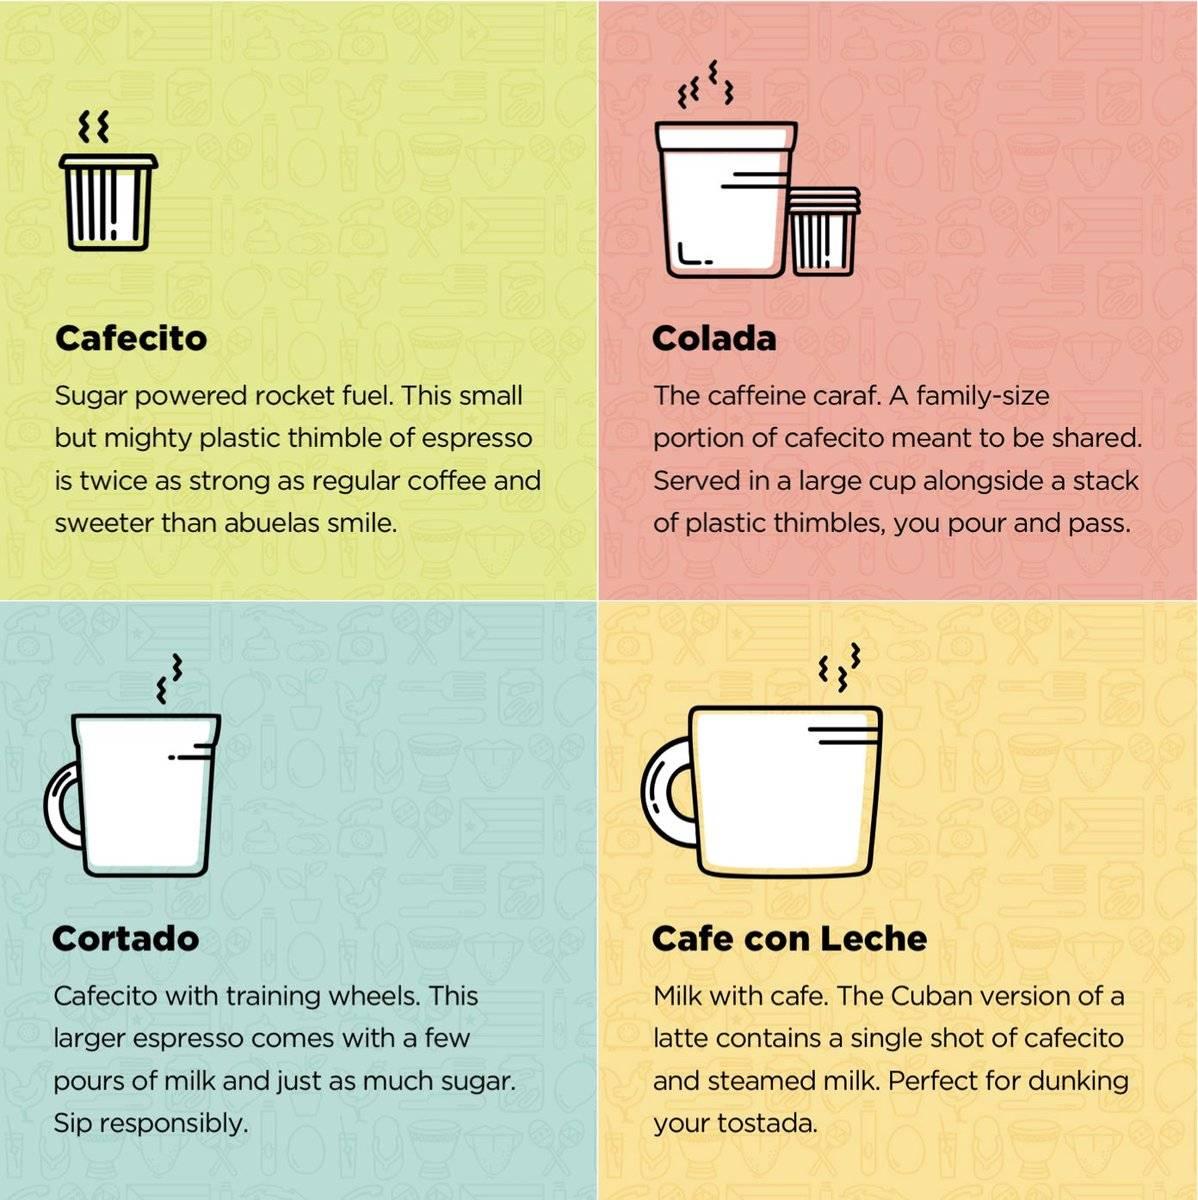 Маска из кофе для лица: 8 рецептов в домашних условиях и обзор 14 средств